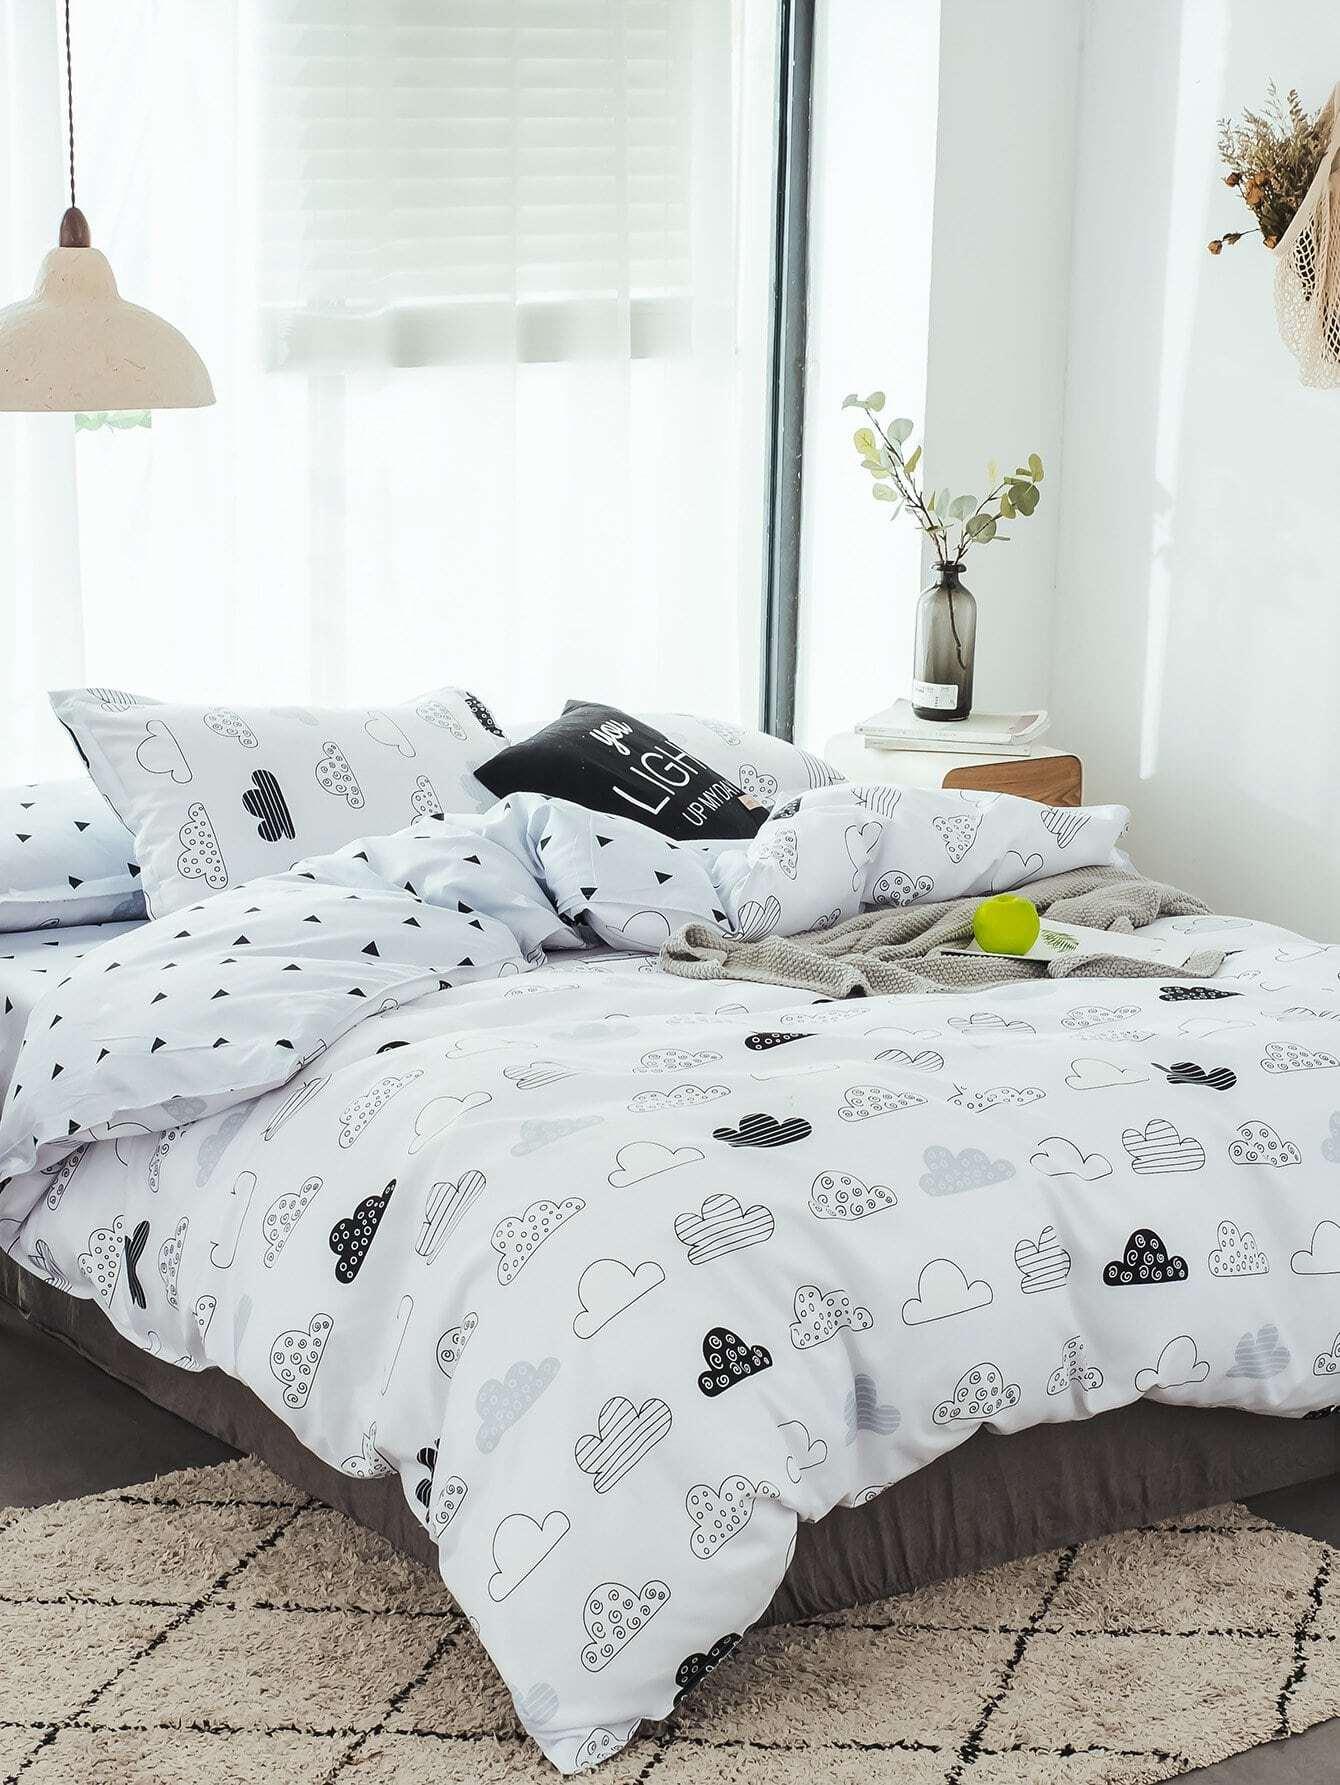 bettlaken set mit wolke und geometrischem muster german shein sheinside. Black Bedroom Furniture Sets. Home Design Ideas